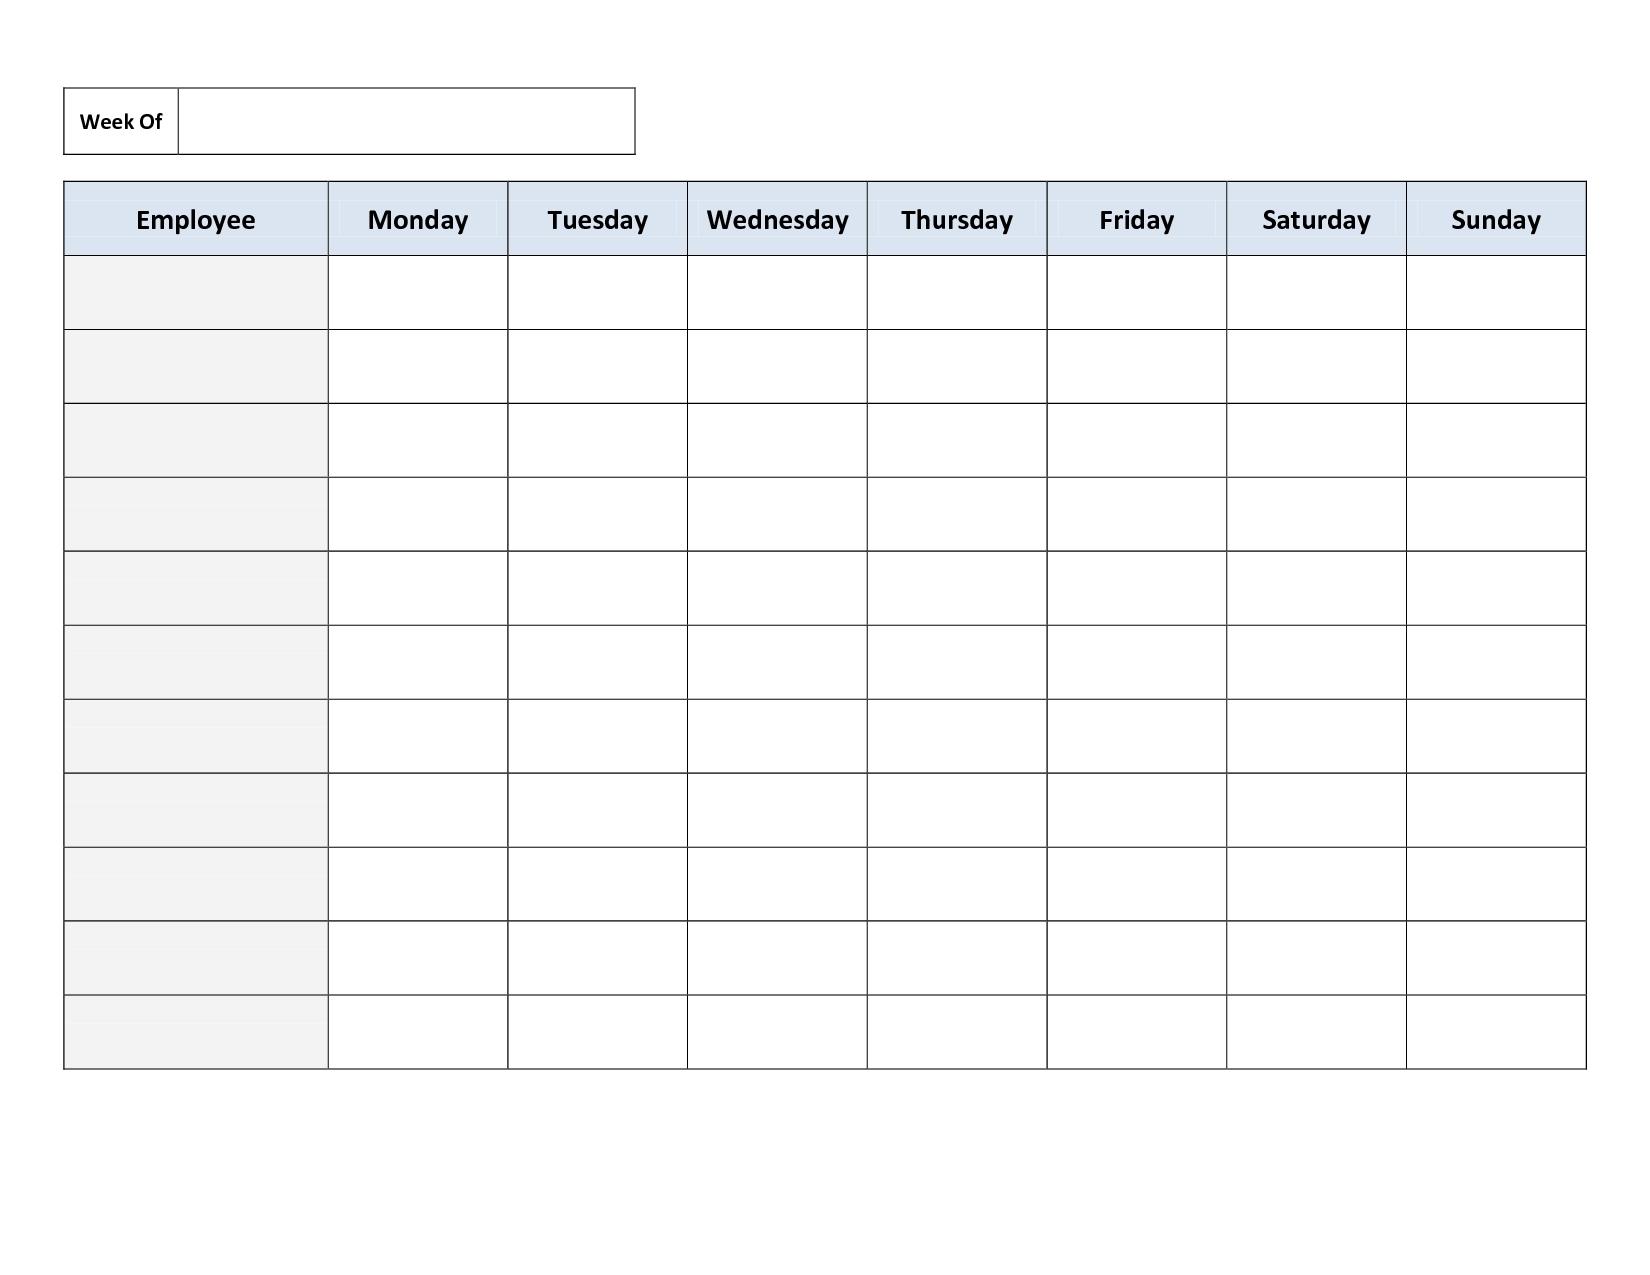 Free Printable Work Schedules | Weekly Employee Work